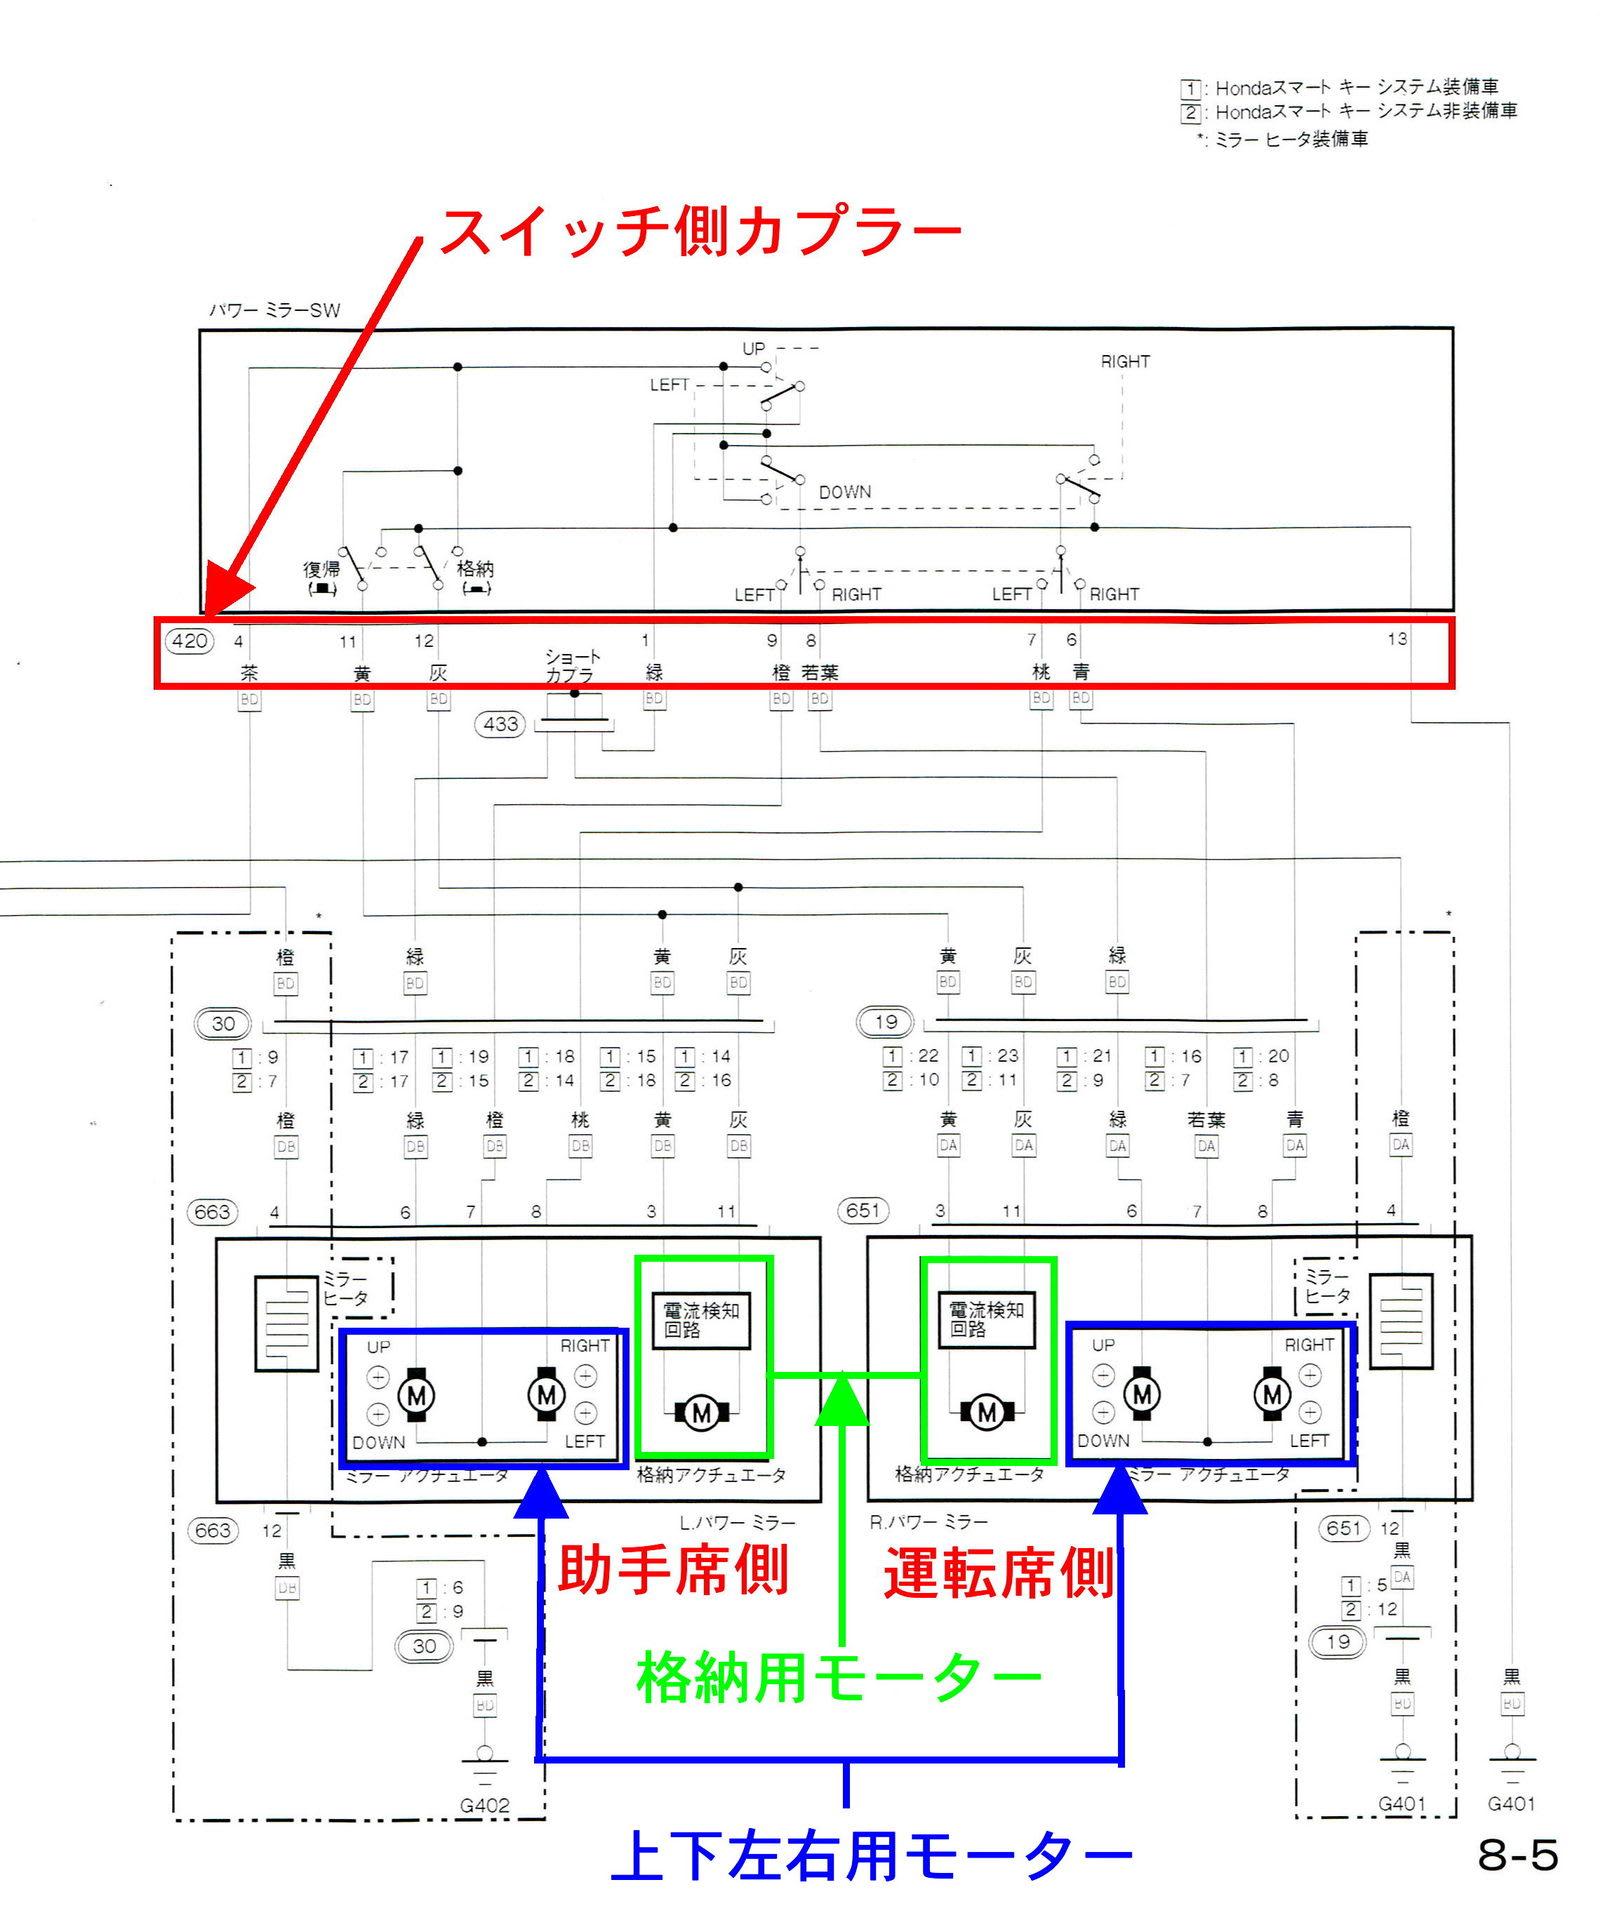 ドアロック連動ミラー格納+リバース連動下降ユニット取付#2 ...